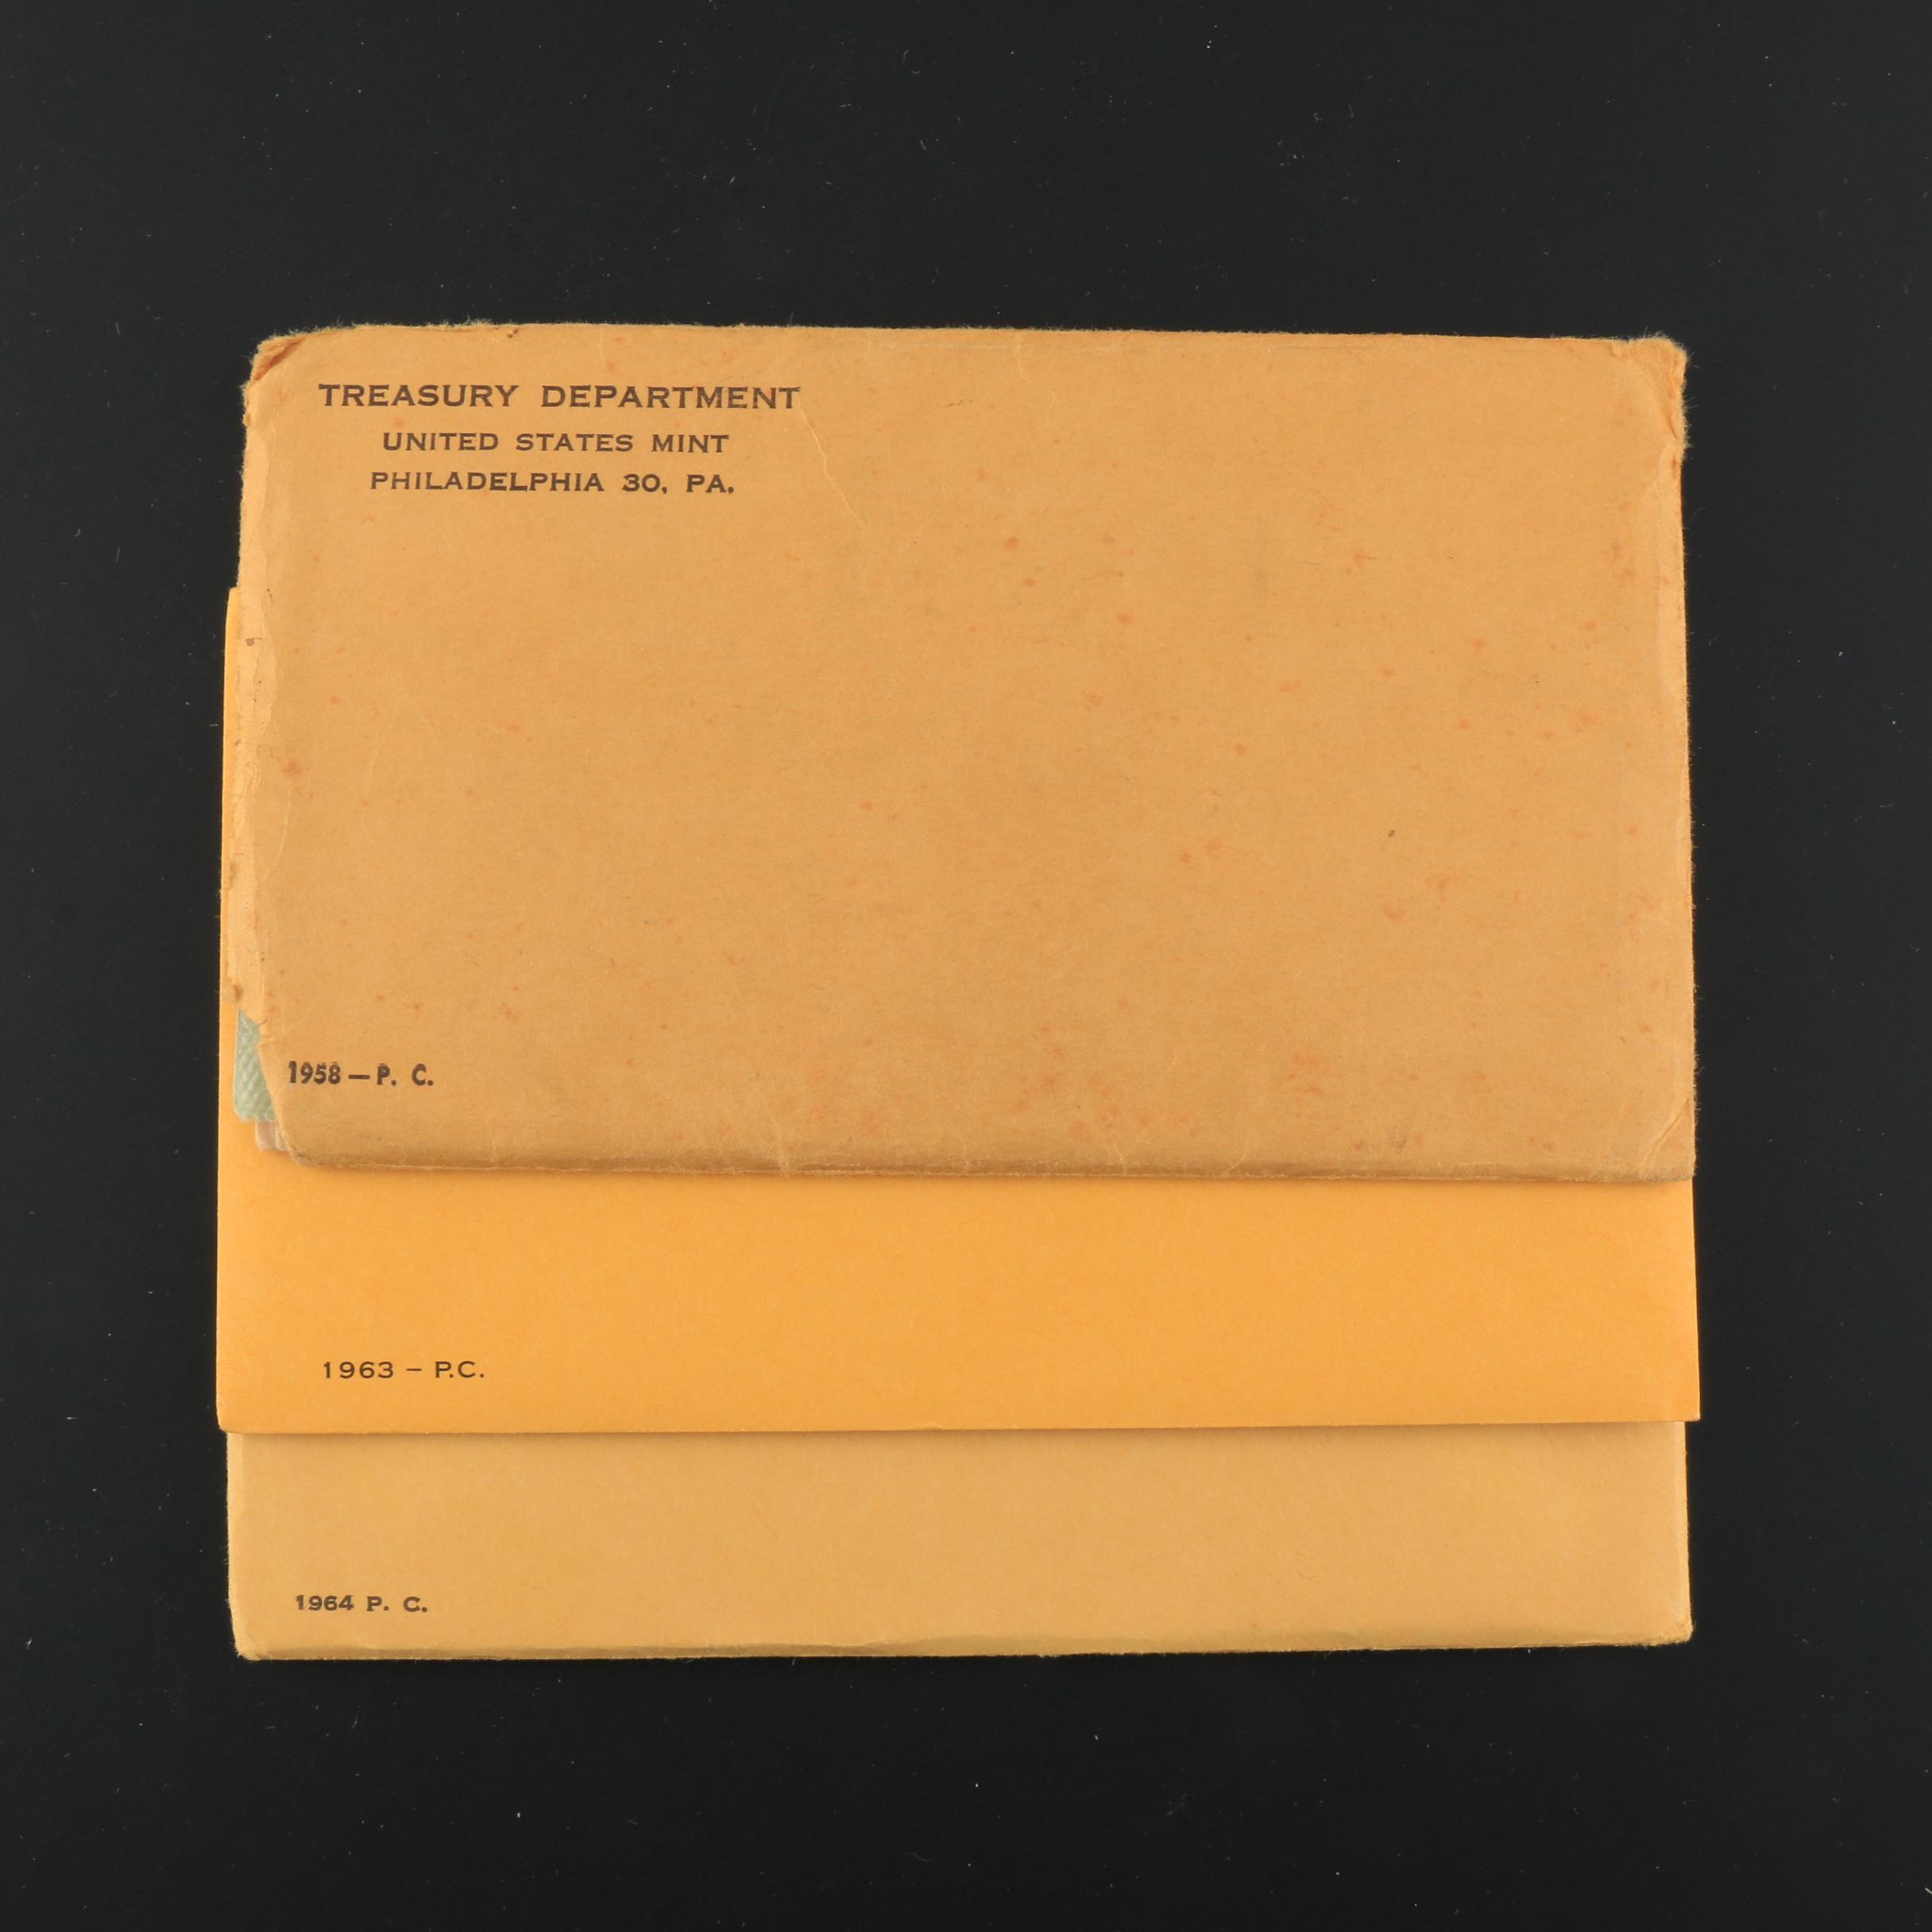 Three Vintage Pre-1965 U.S. Mint Proof Sets